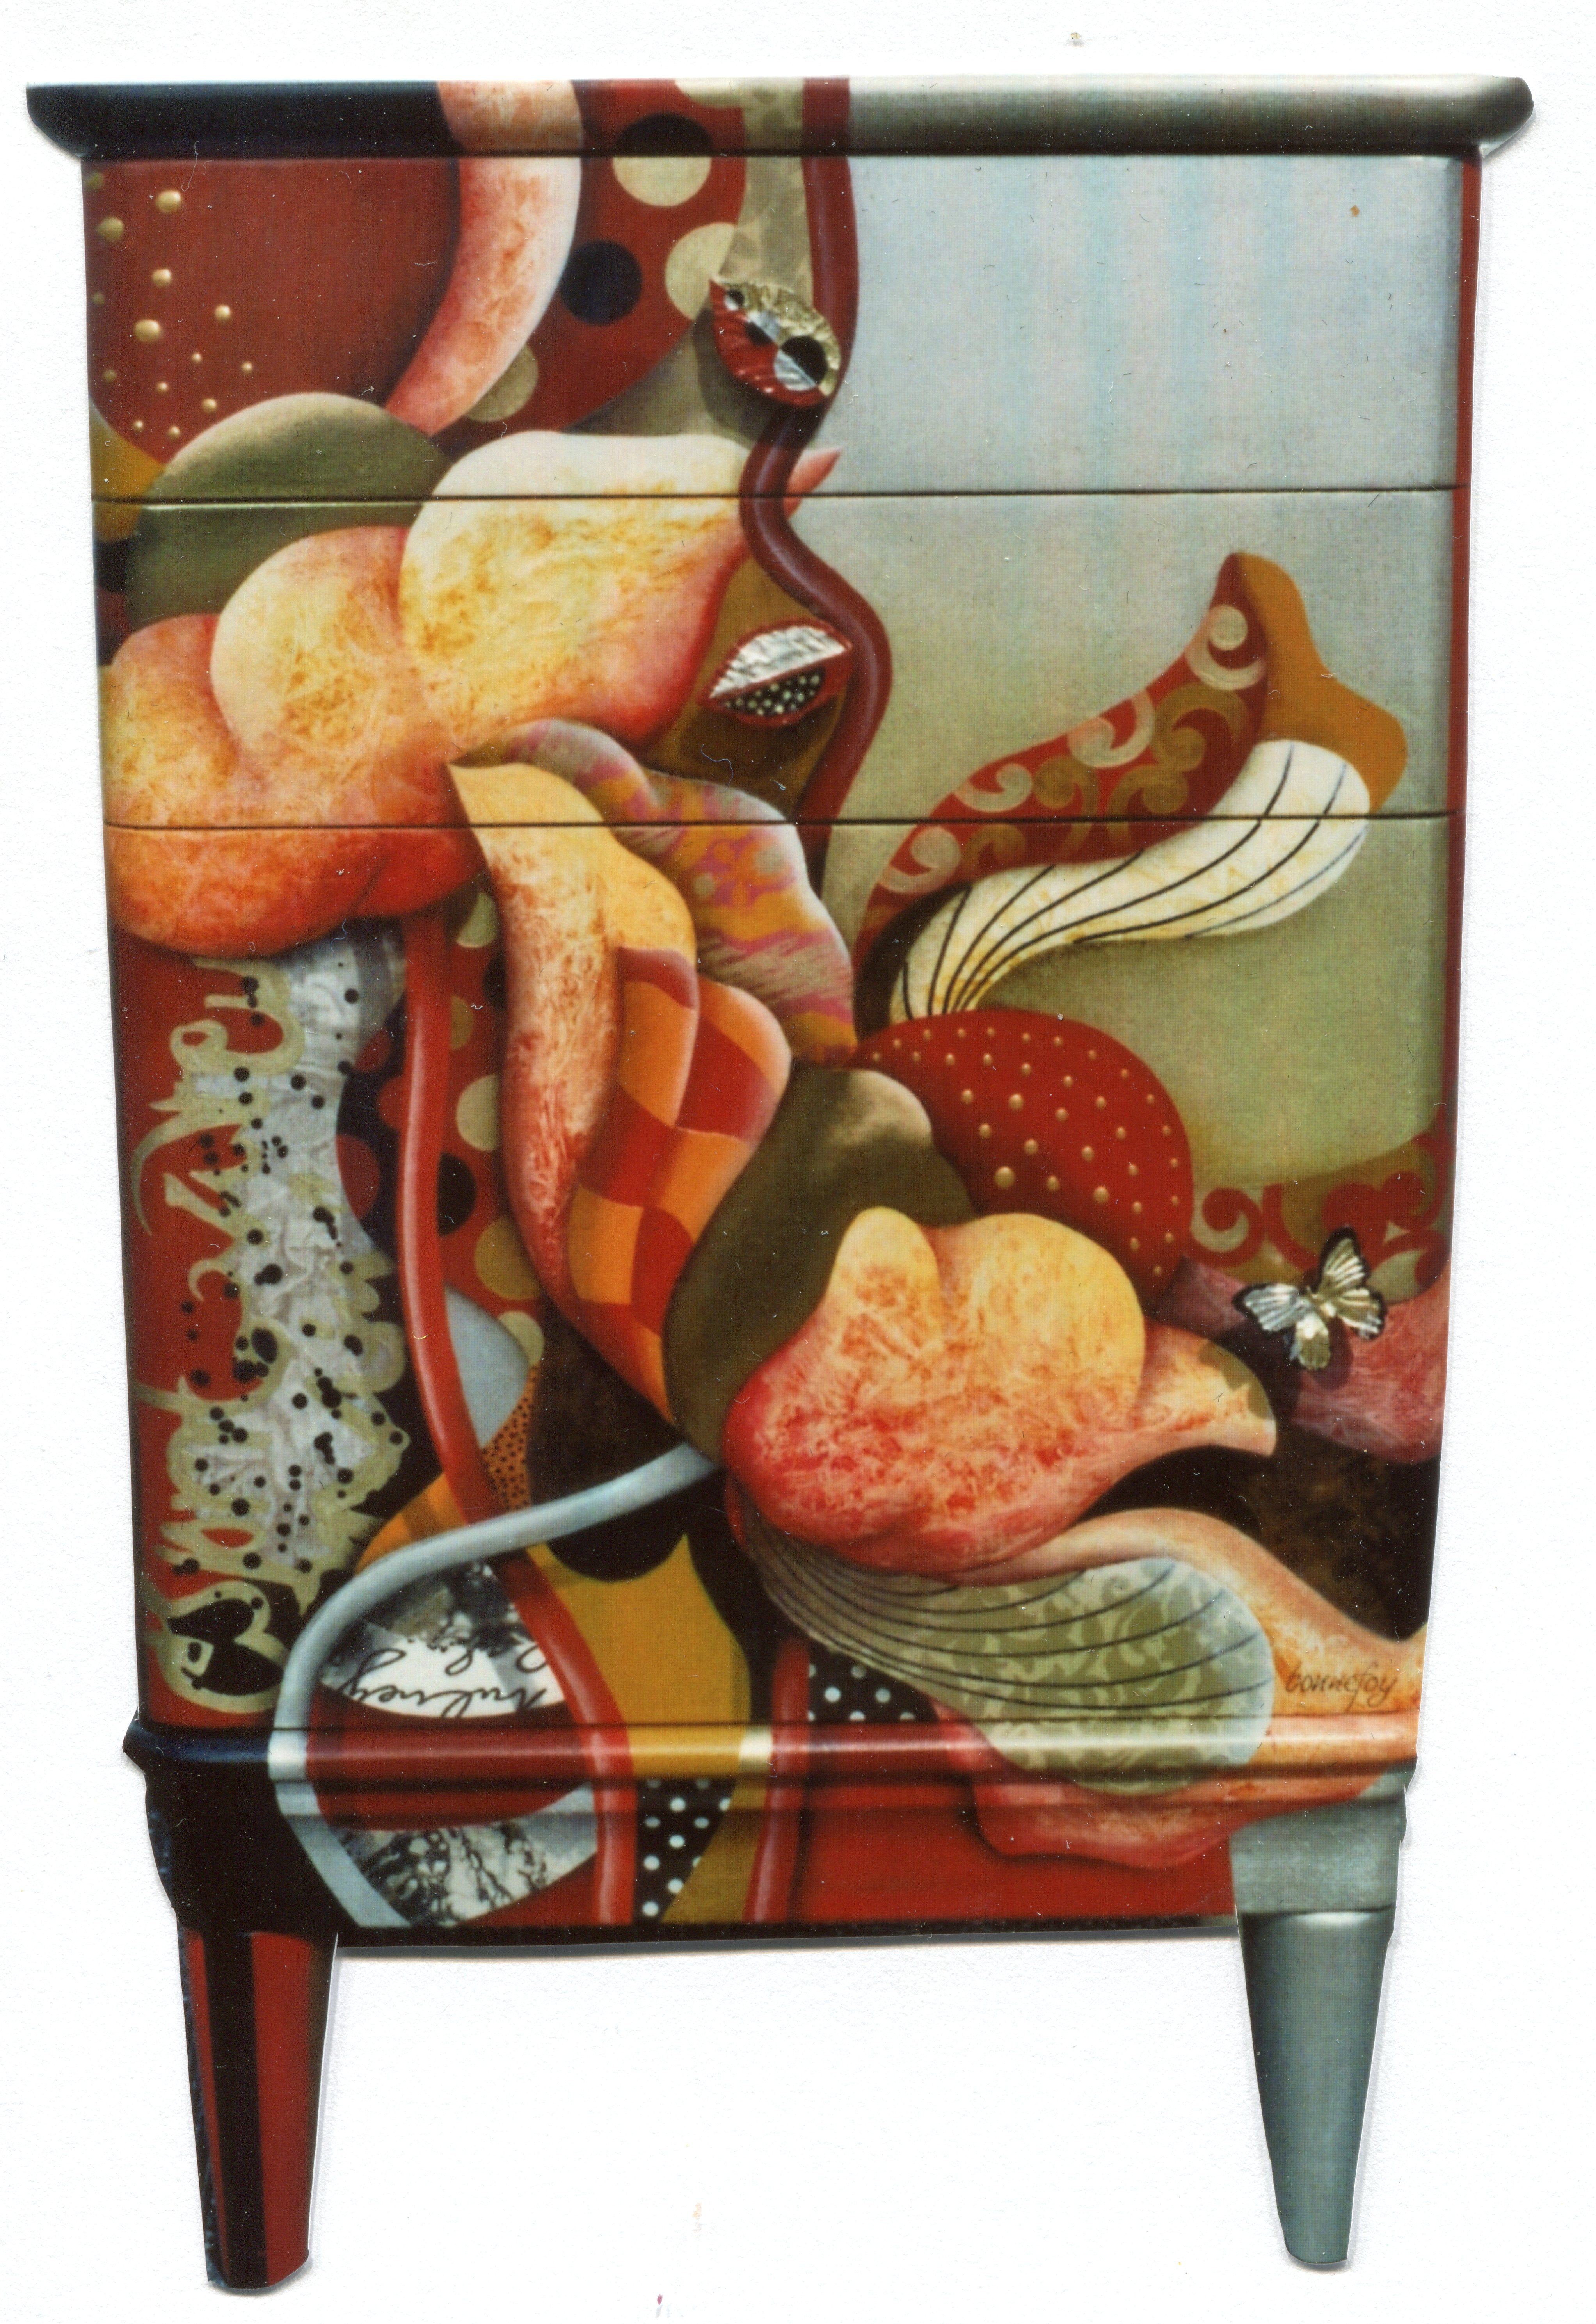 Meubles peints | Chantal BONNEFOY